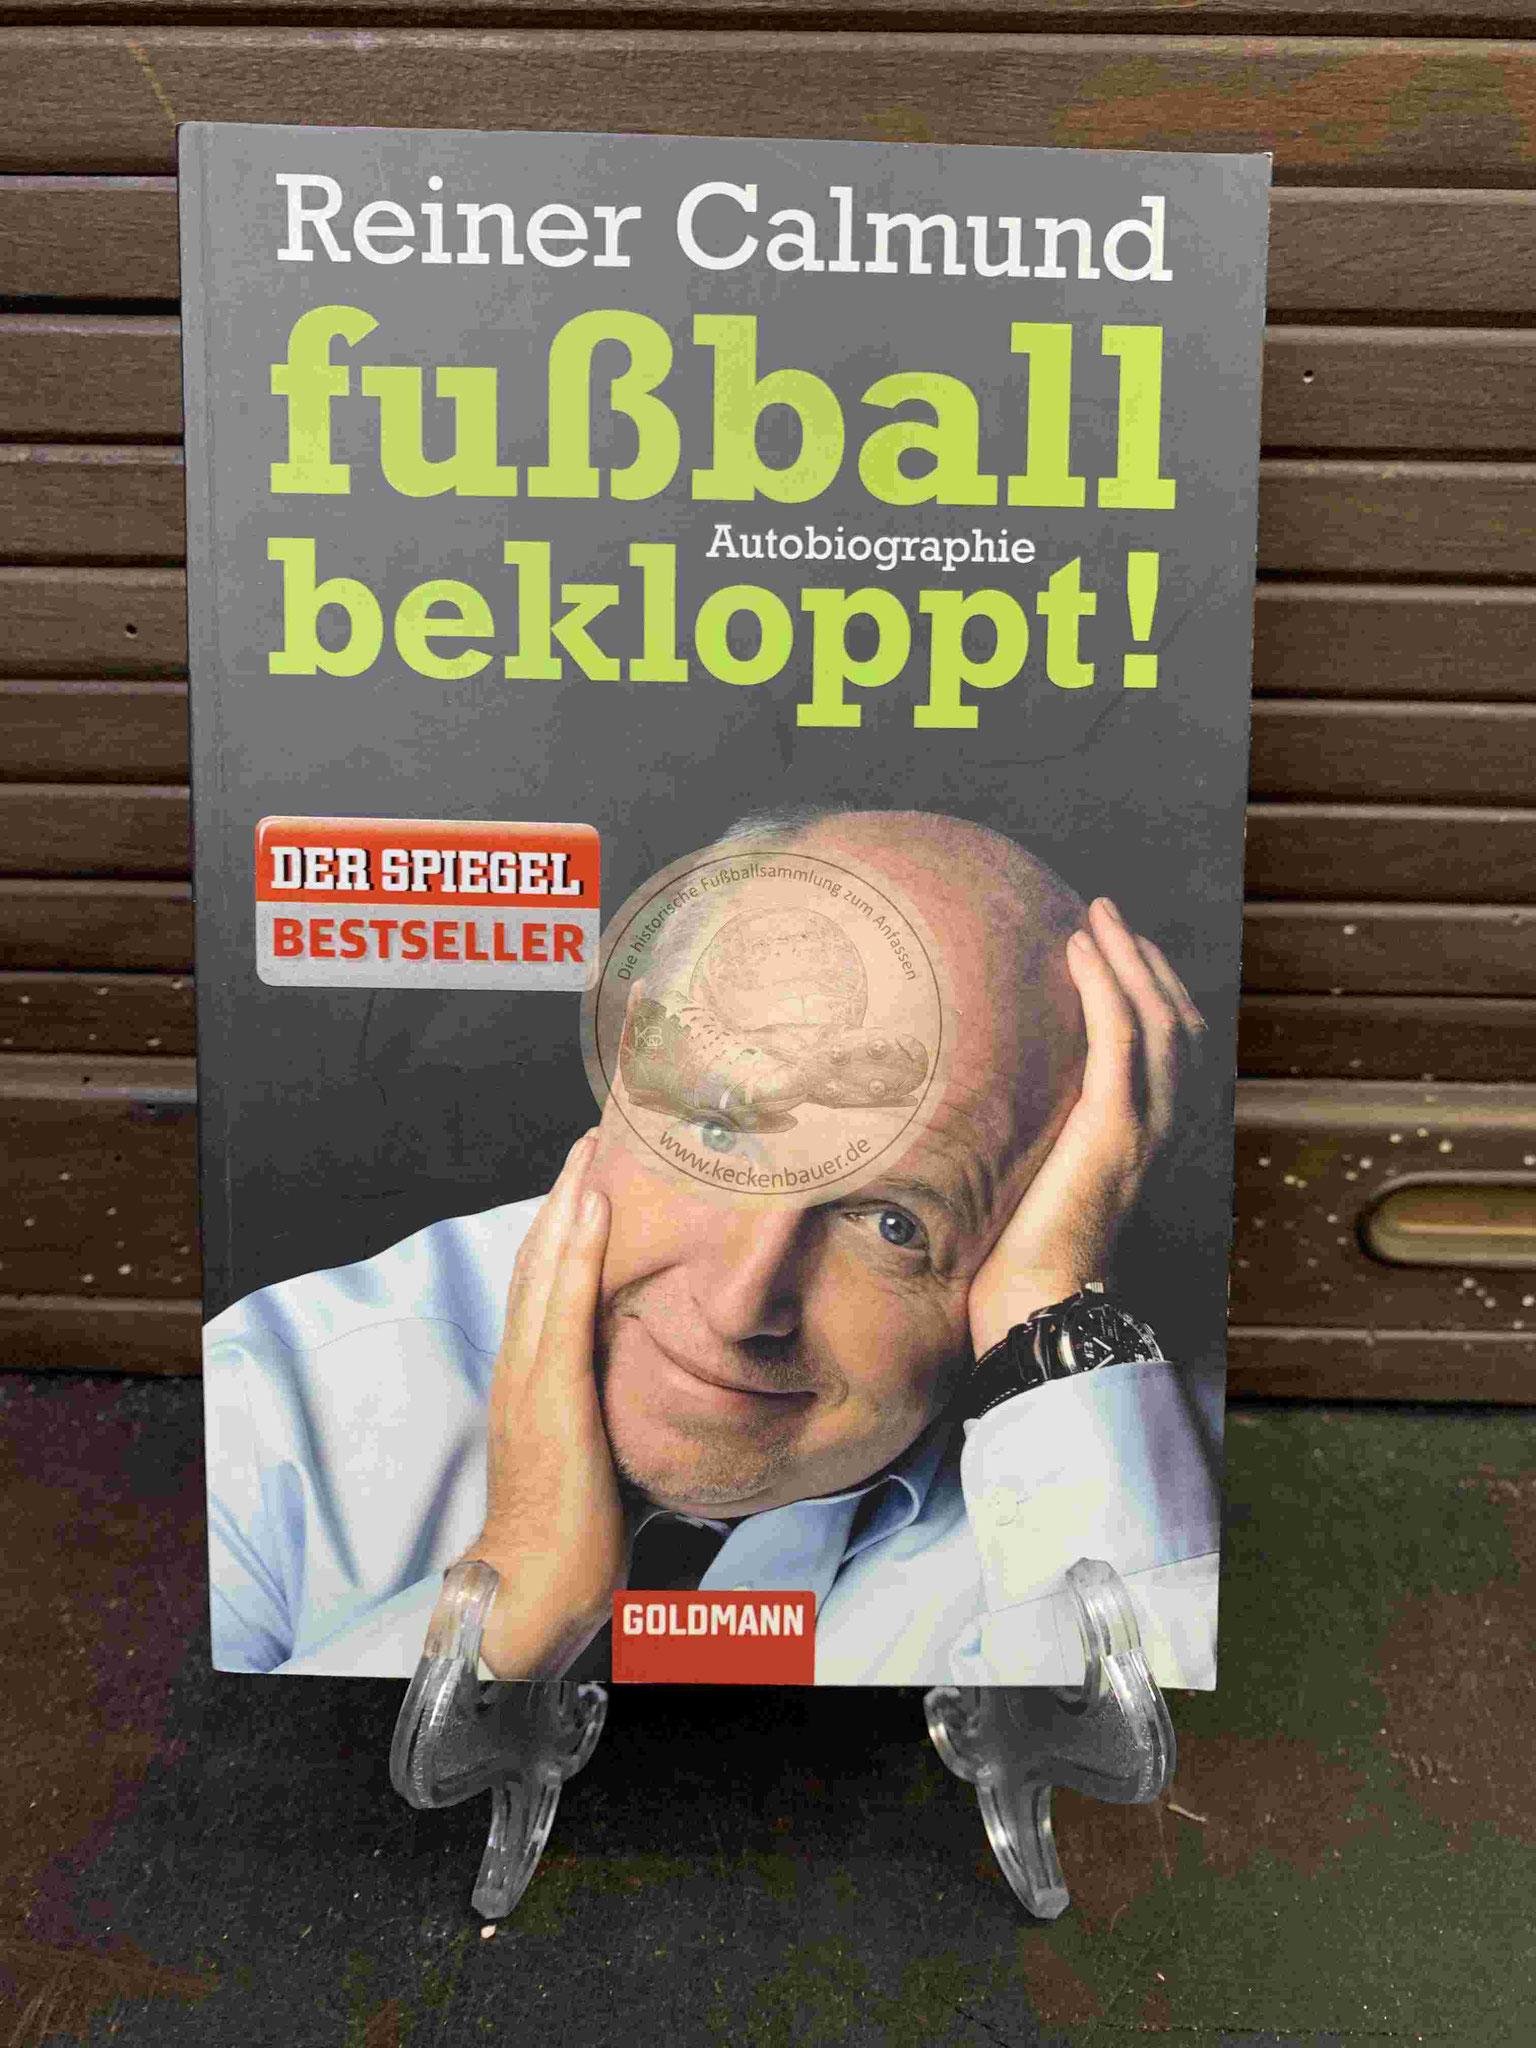 Rainer Calmund Fußball bekloppt! aus dem Jahr 2009